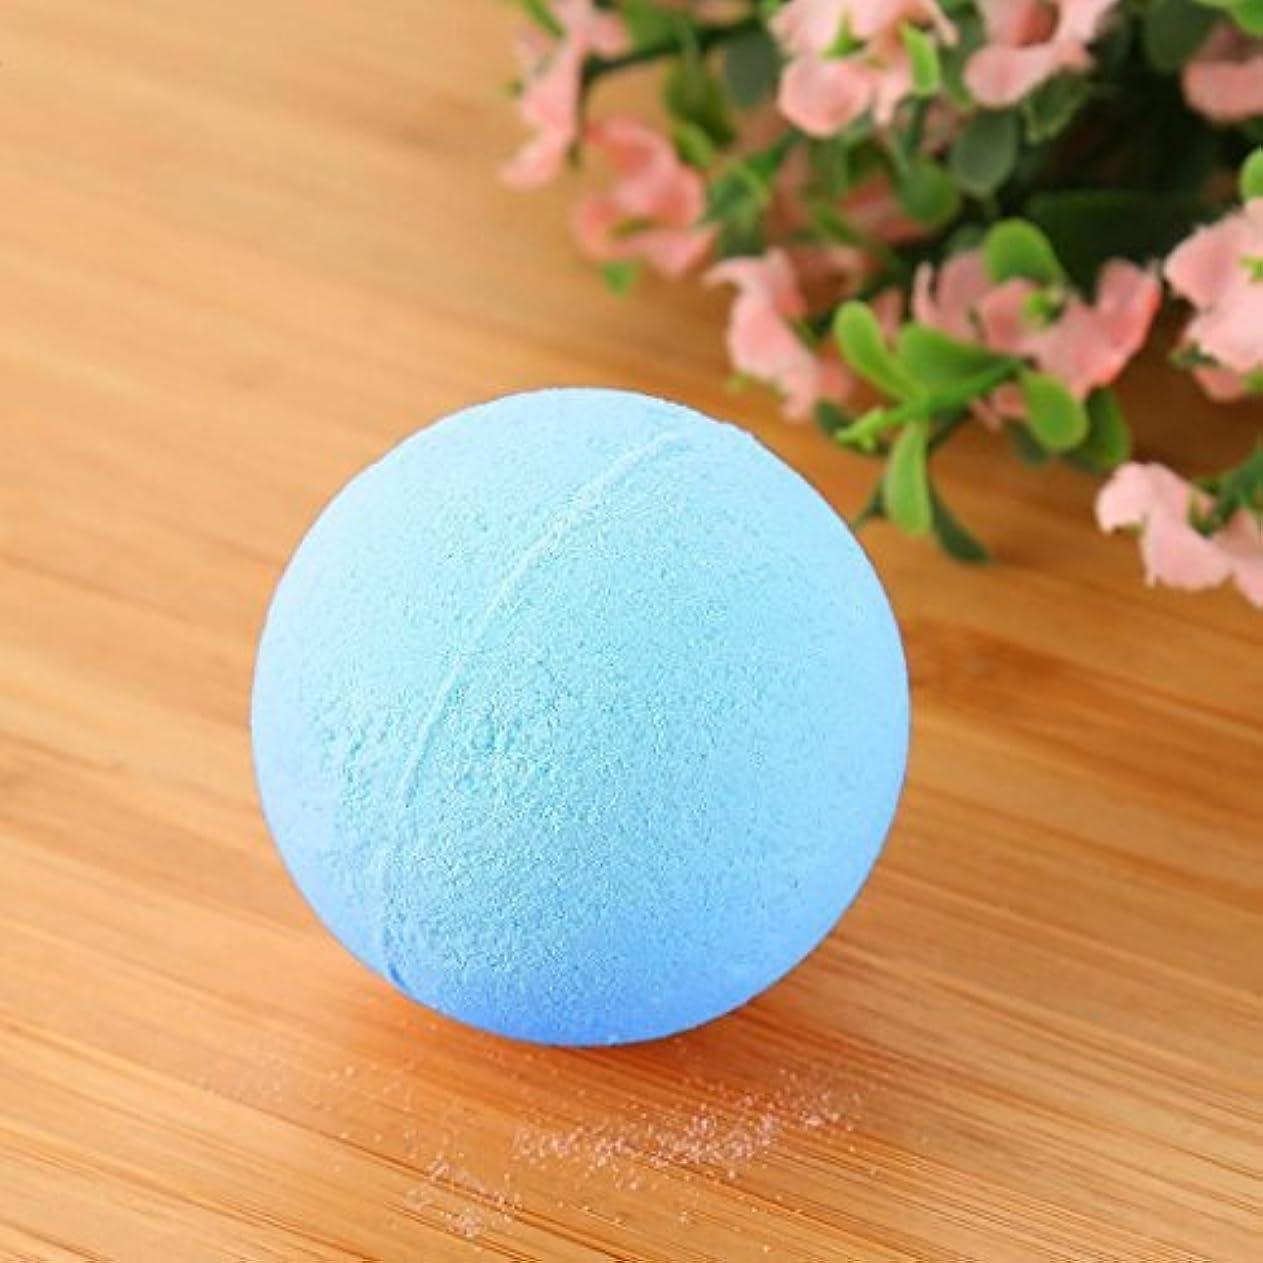 アカウント吸い込む輝くバブルボール塩塩浴リラックス女性のための贈り物